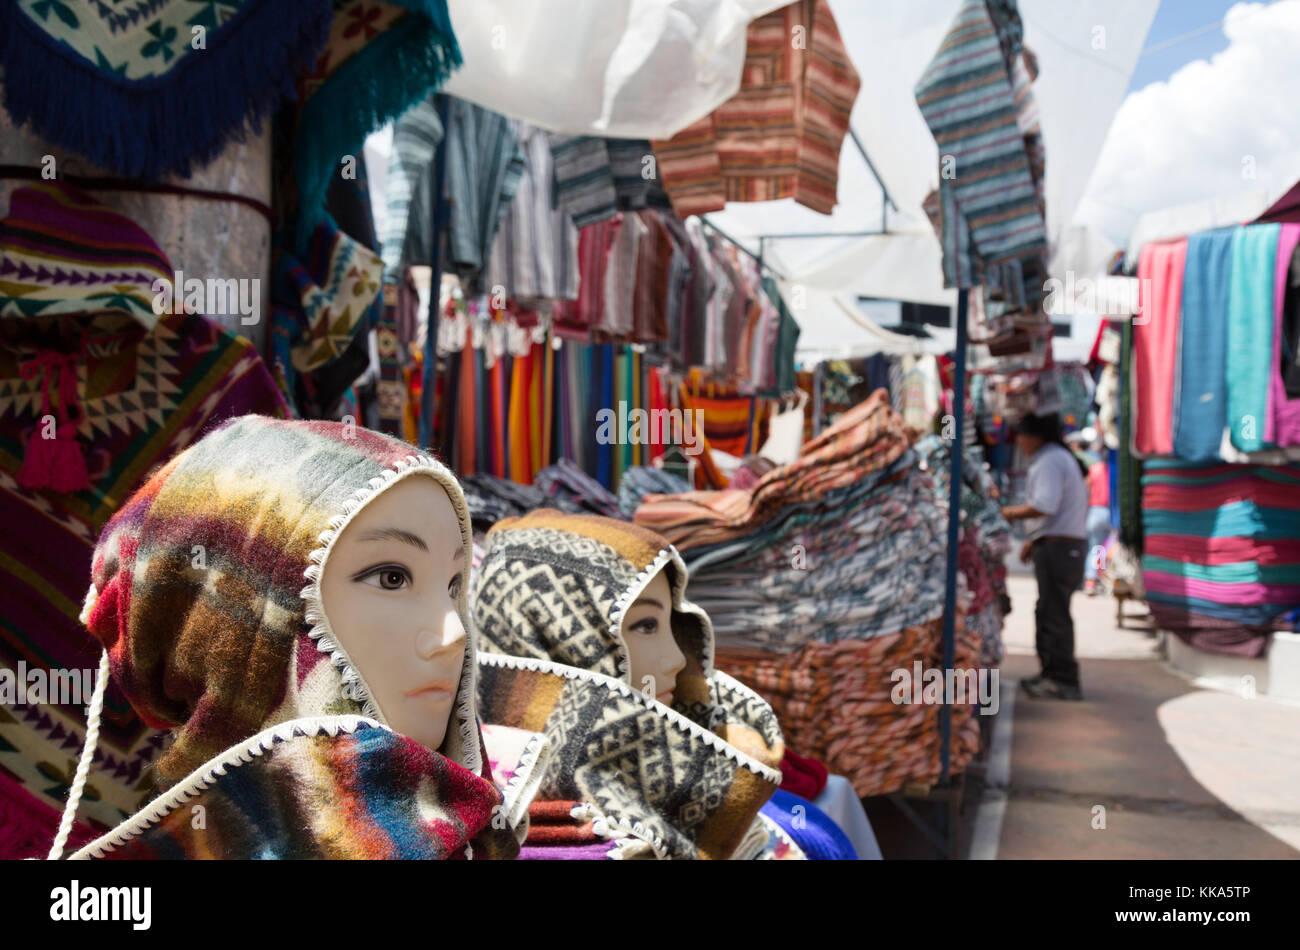 Otavalo Markt Ecuador, bunten Textilien für den Verkauf in einem Marktstand, Otavalo Markt, Nördlichen Stockbild